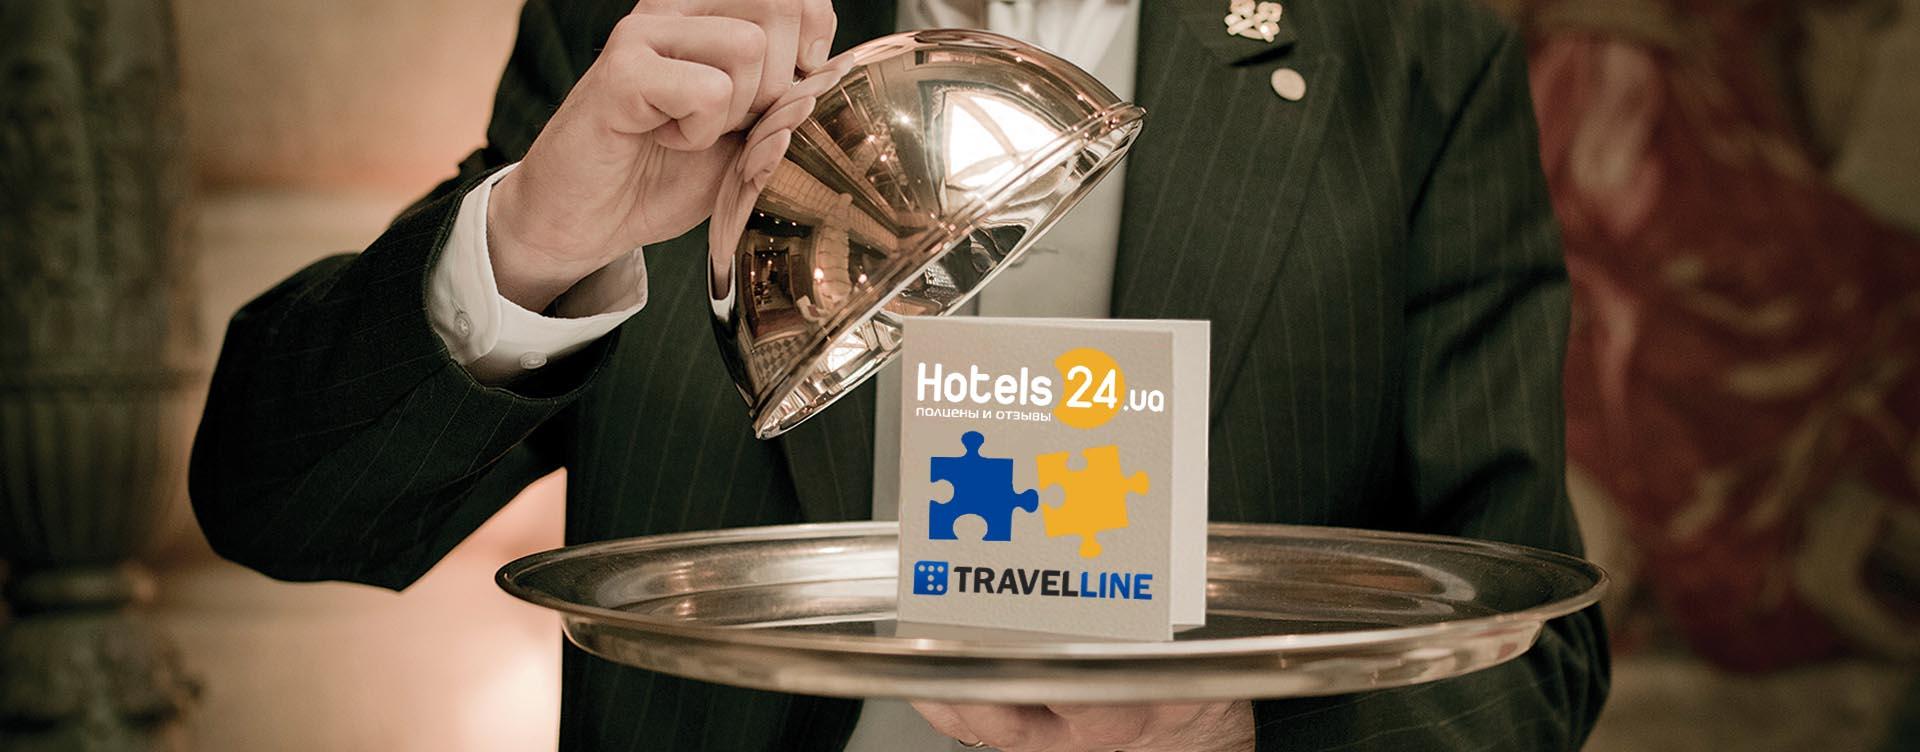 Hotels24.ua